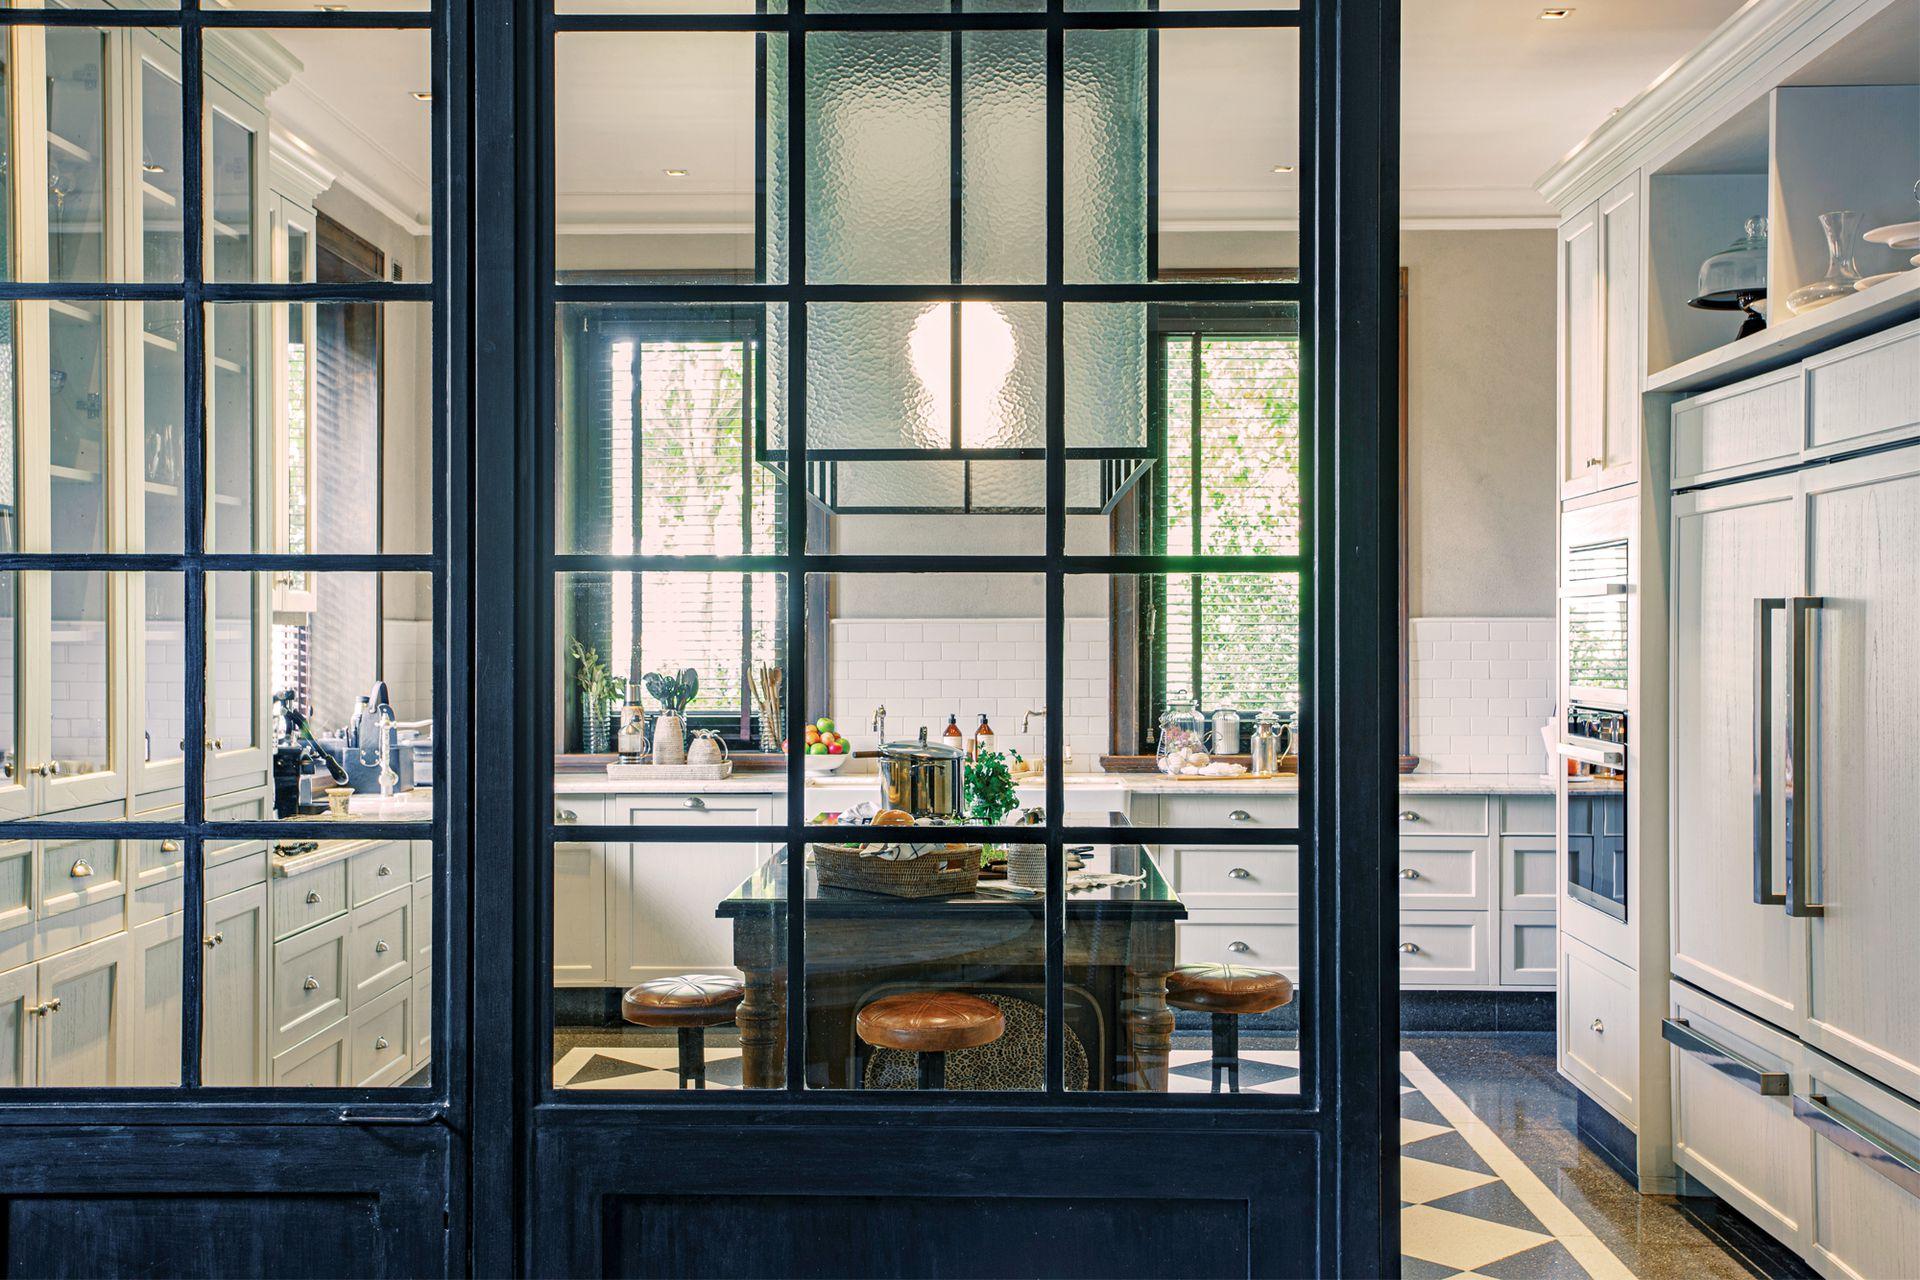 Mesa recuperada (Amighini). Tapa (Ragolia). Campana de vidrio martelé con perfilería de hierro (Estudio Pablo Chiappori). Banquetas a medida (AG Art & Design).